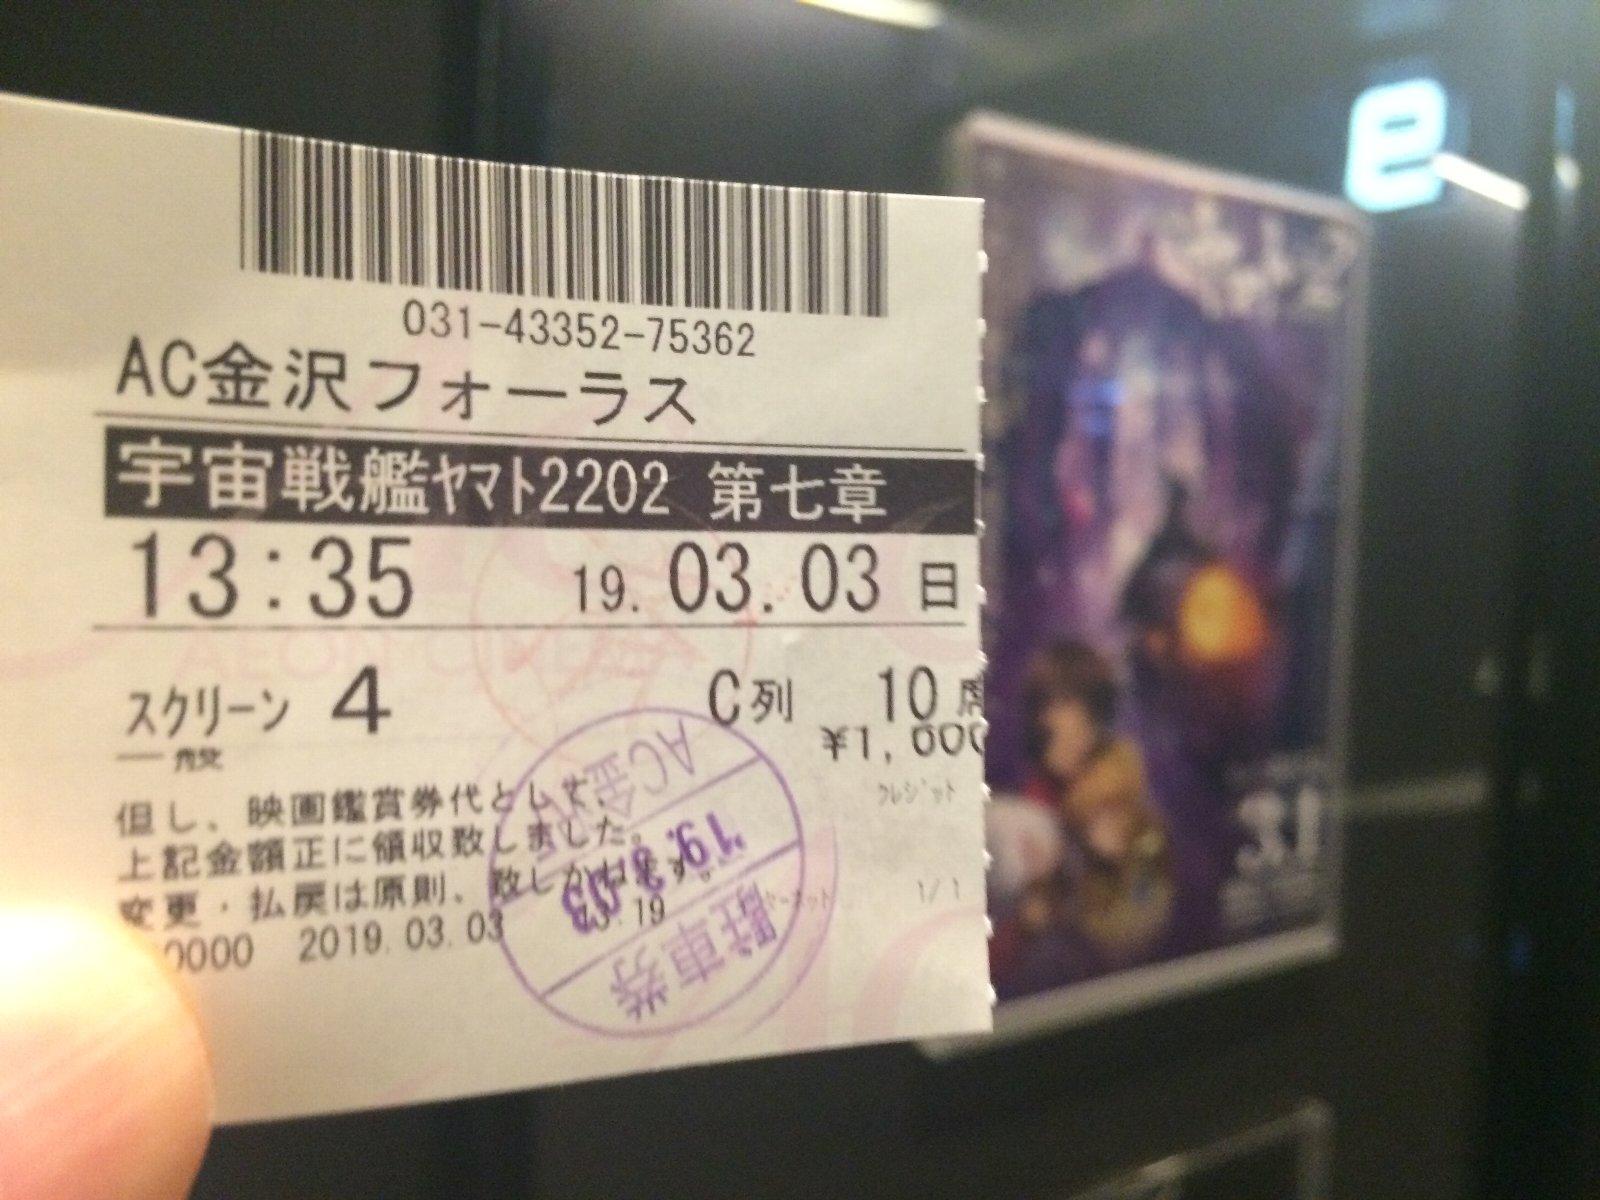 20190302 『宇宙戦艦ヤマト2202⑦』チケット